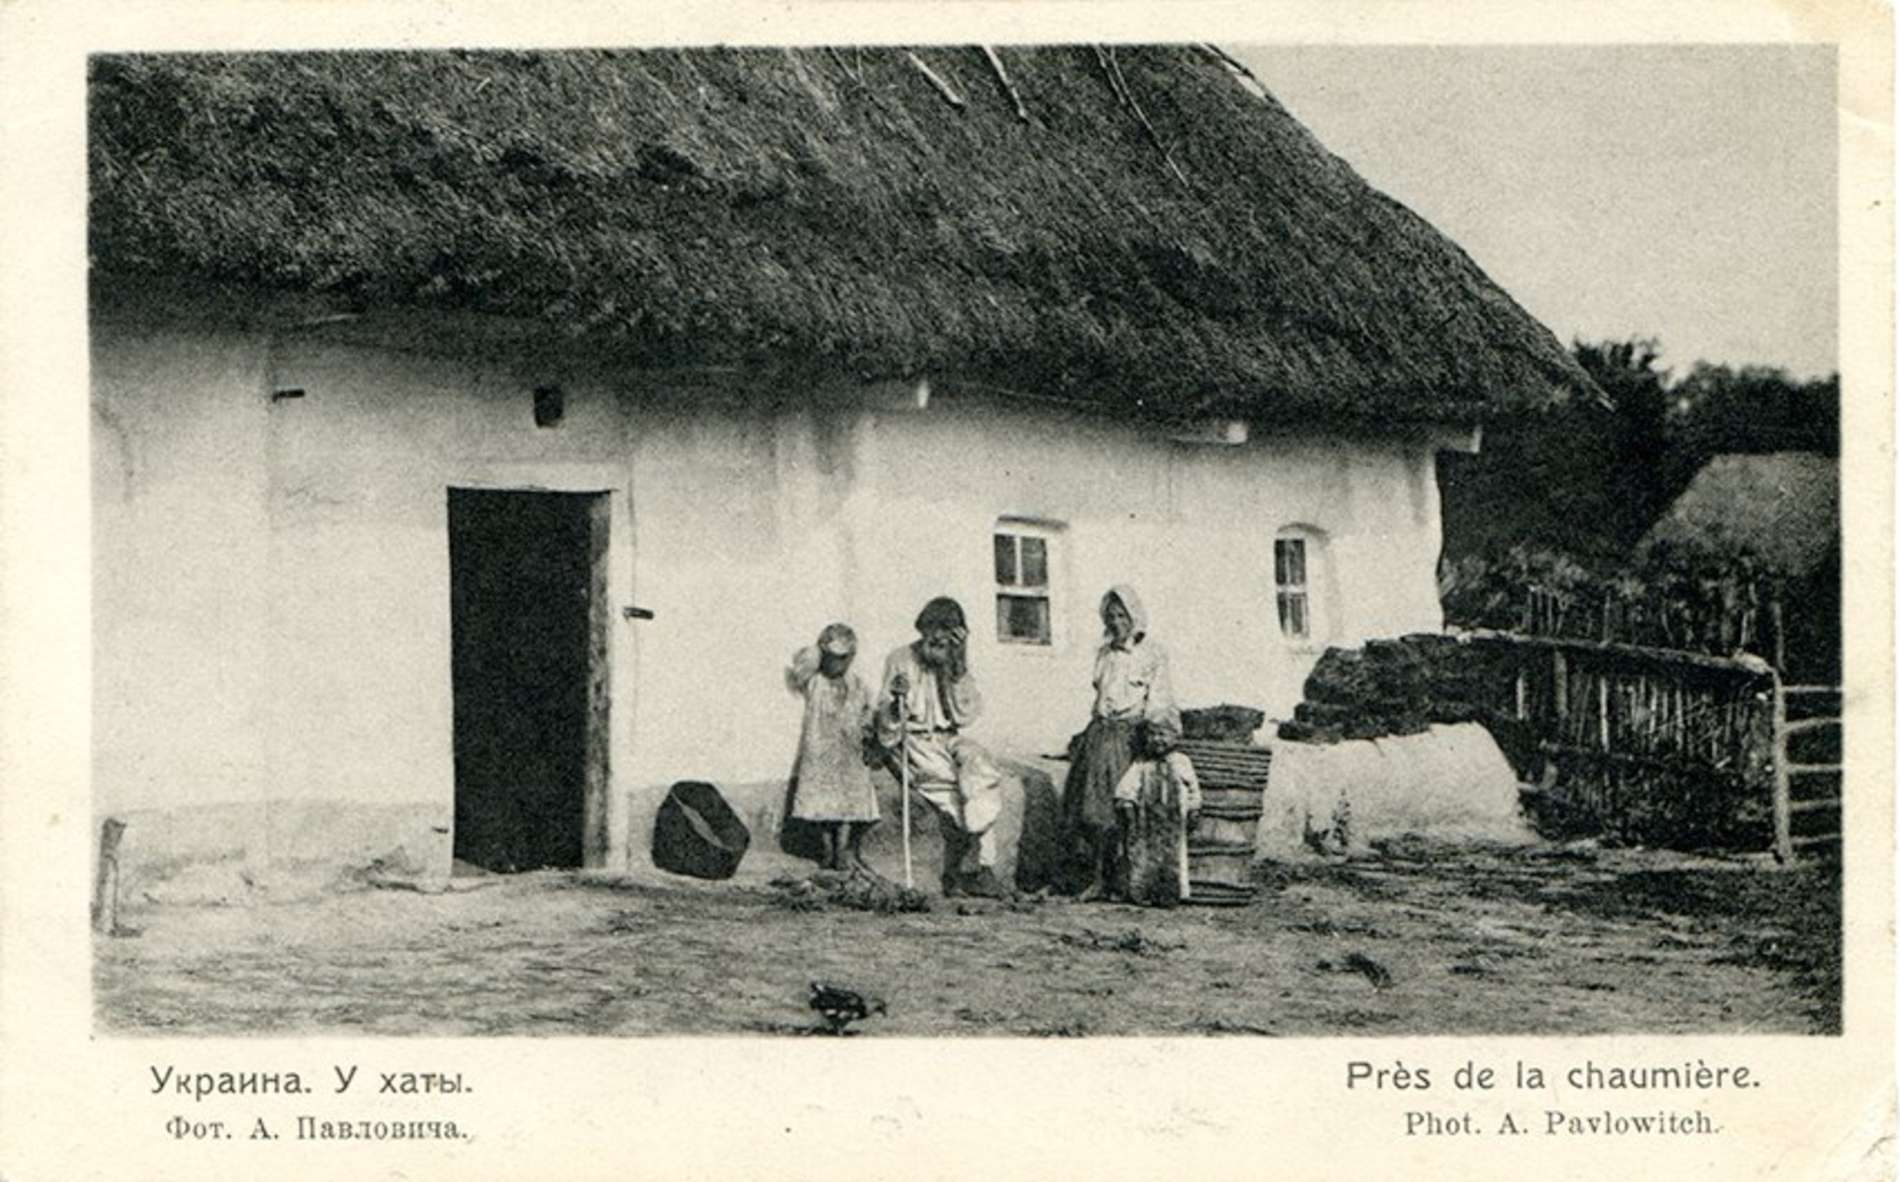 Рідкісні історичні листівки з українськими краєвидами кінця ХІХ ст. – поч. ХХ ст.